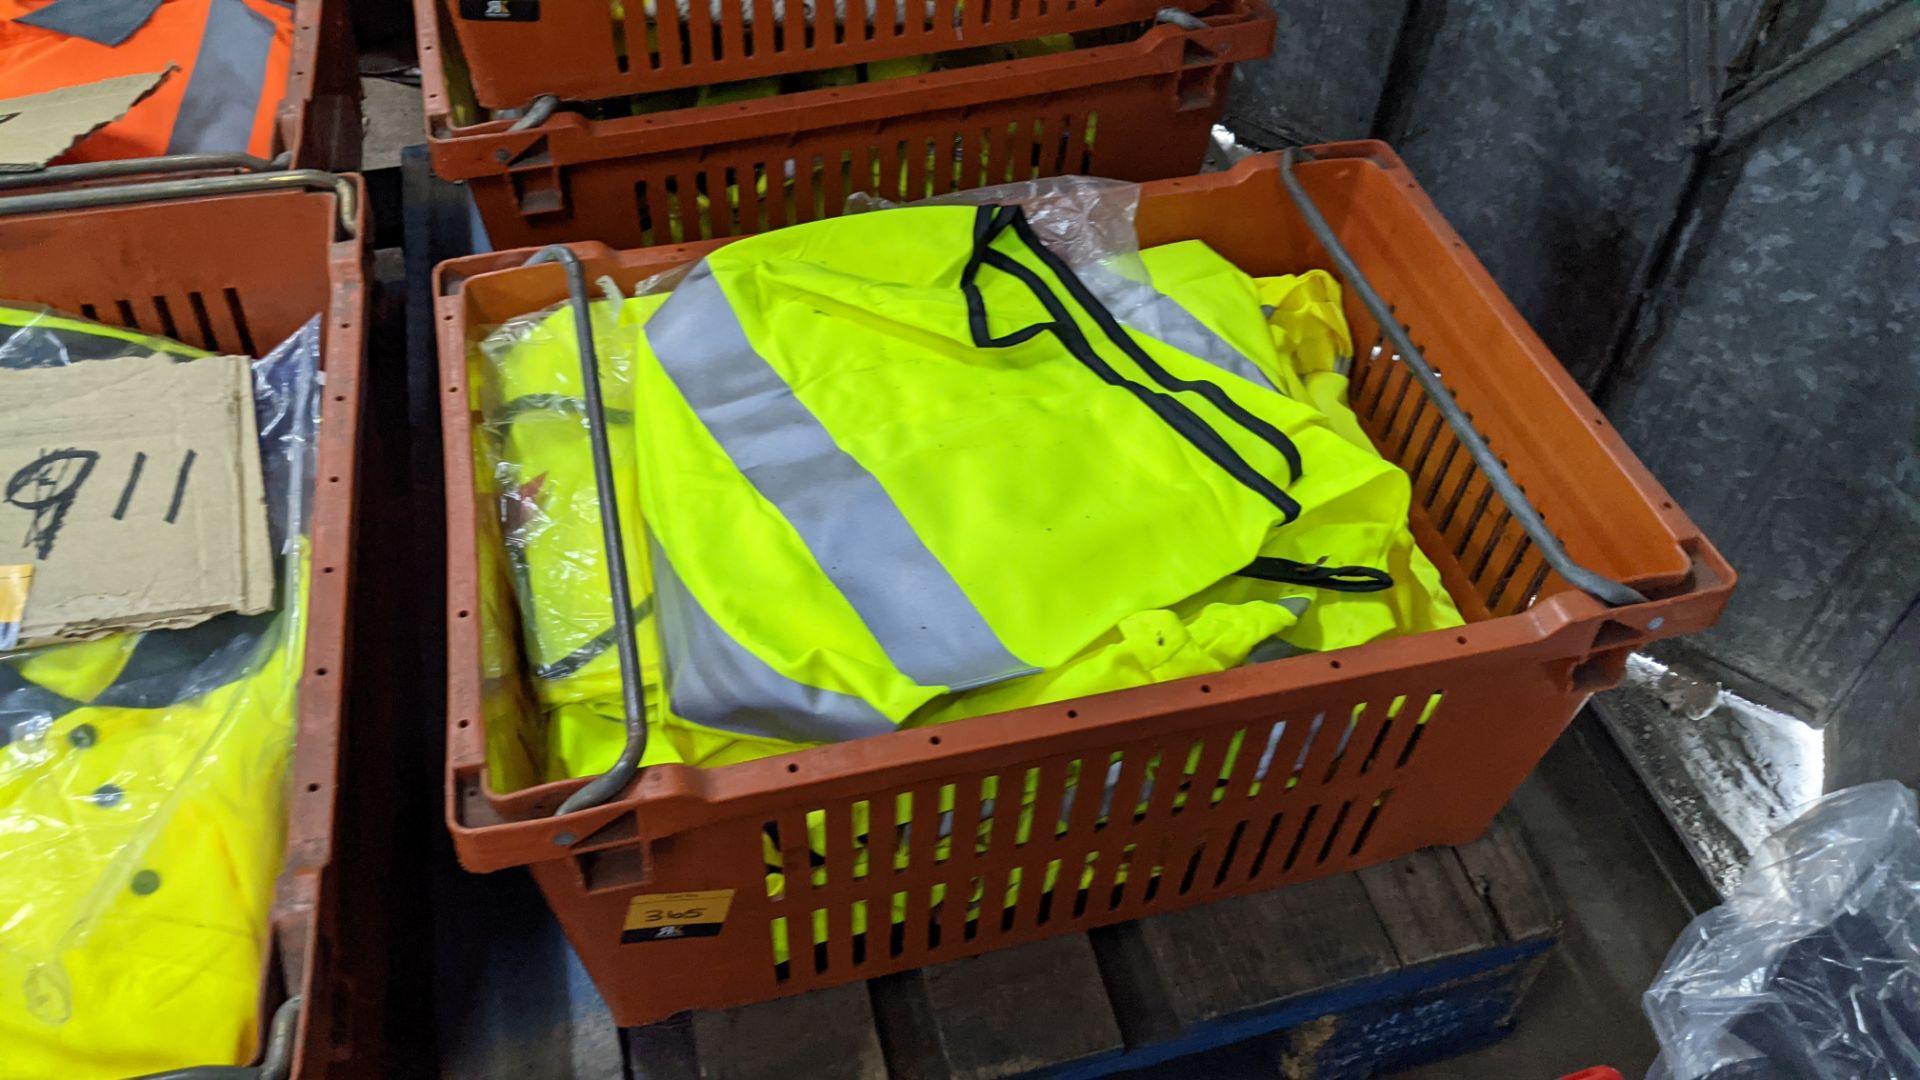 20 off yellow hi-vis vests